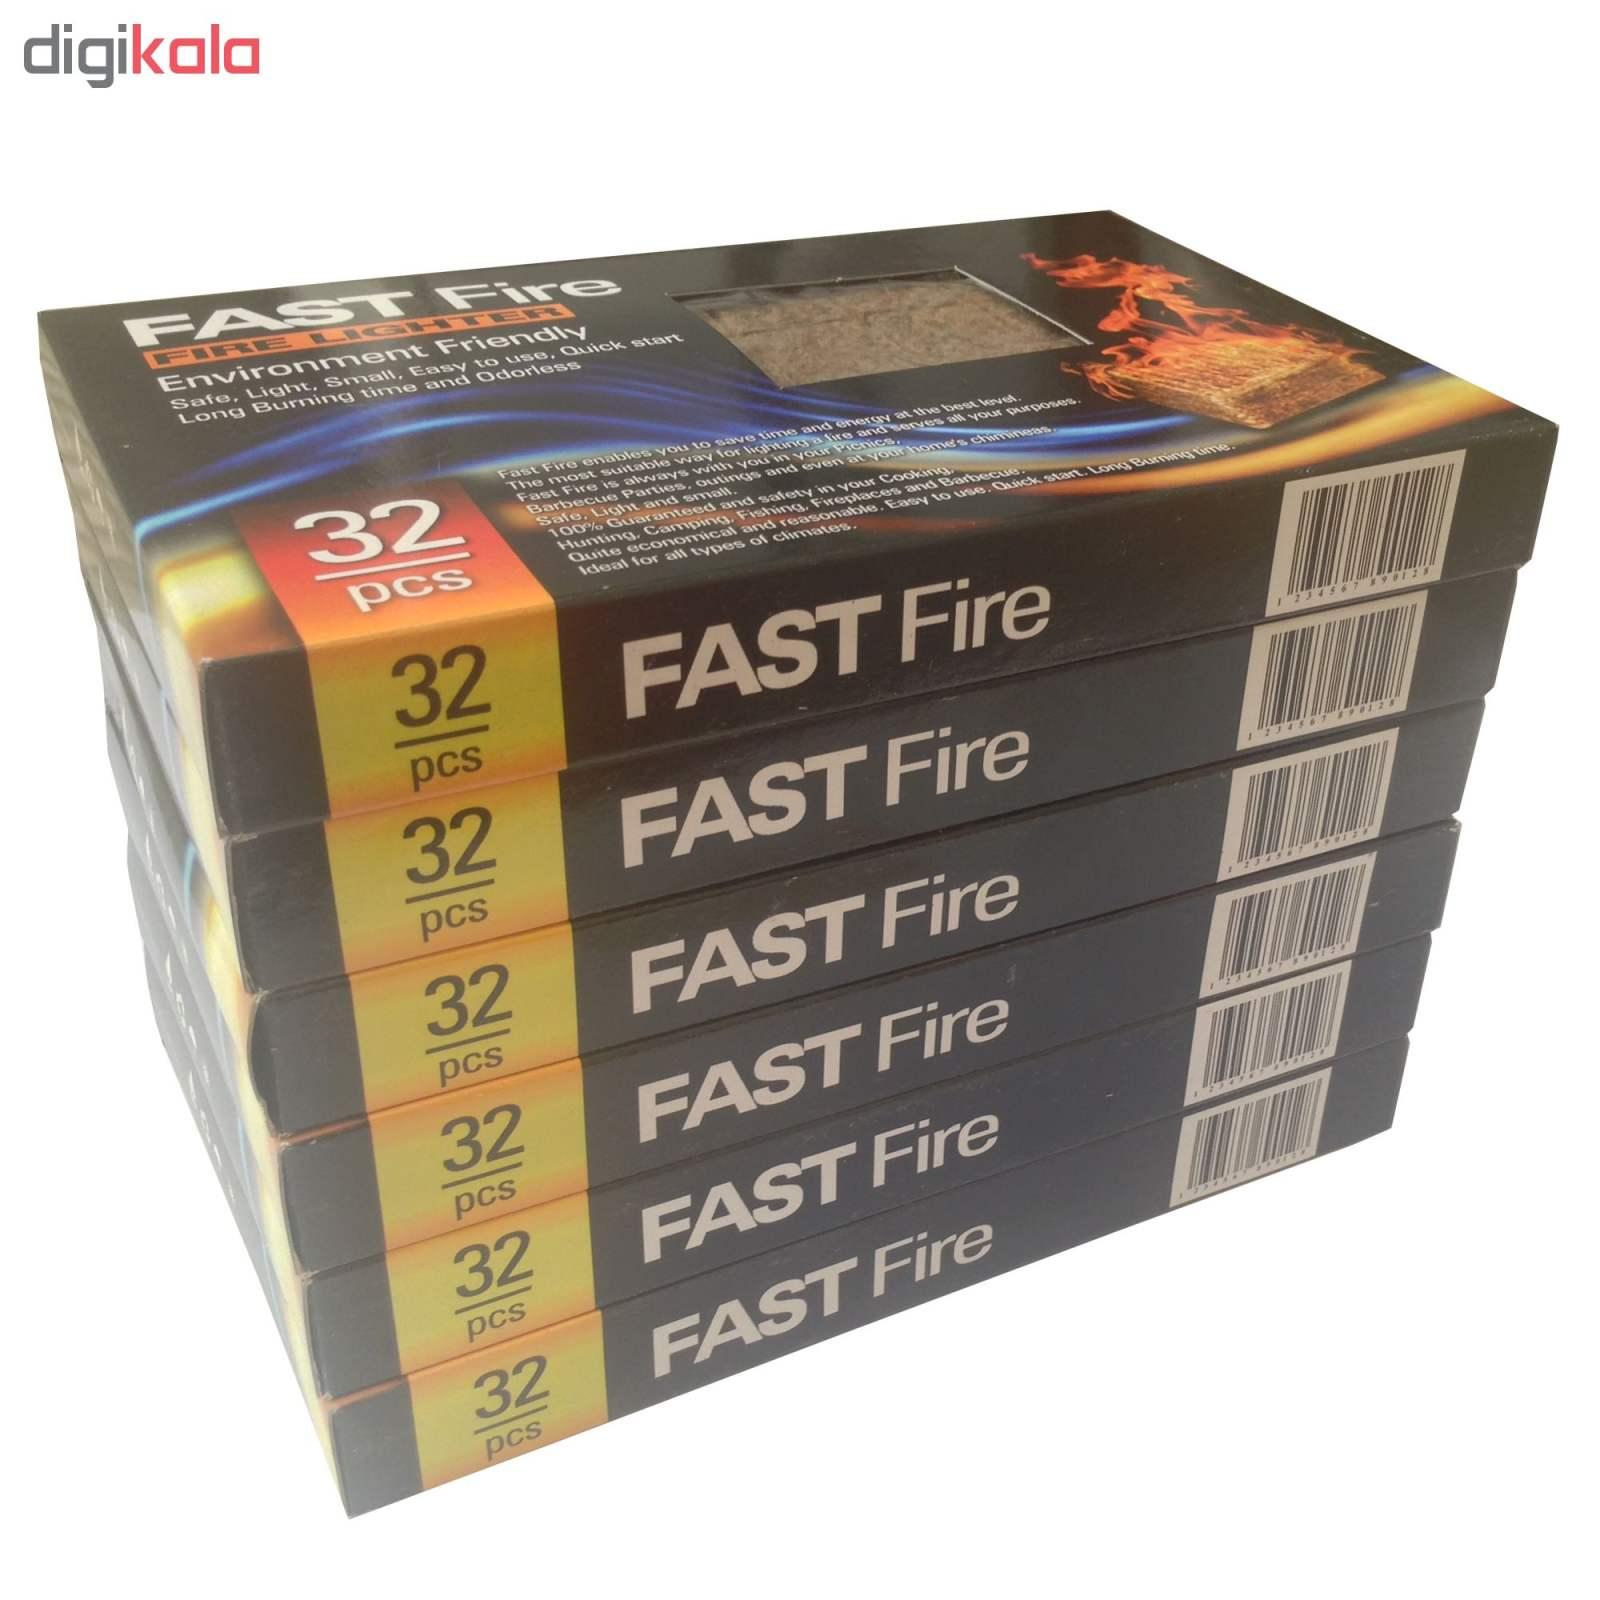 آتش زنه فست فایر مدل p2 مجموعه 6 عددی main 1 2